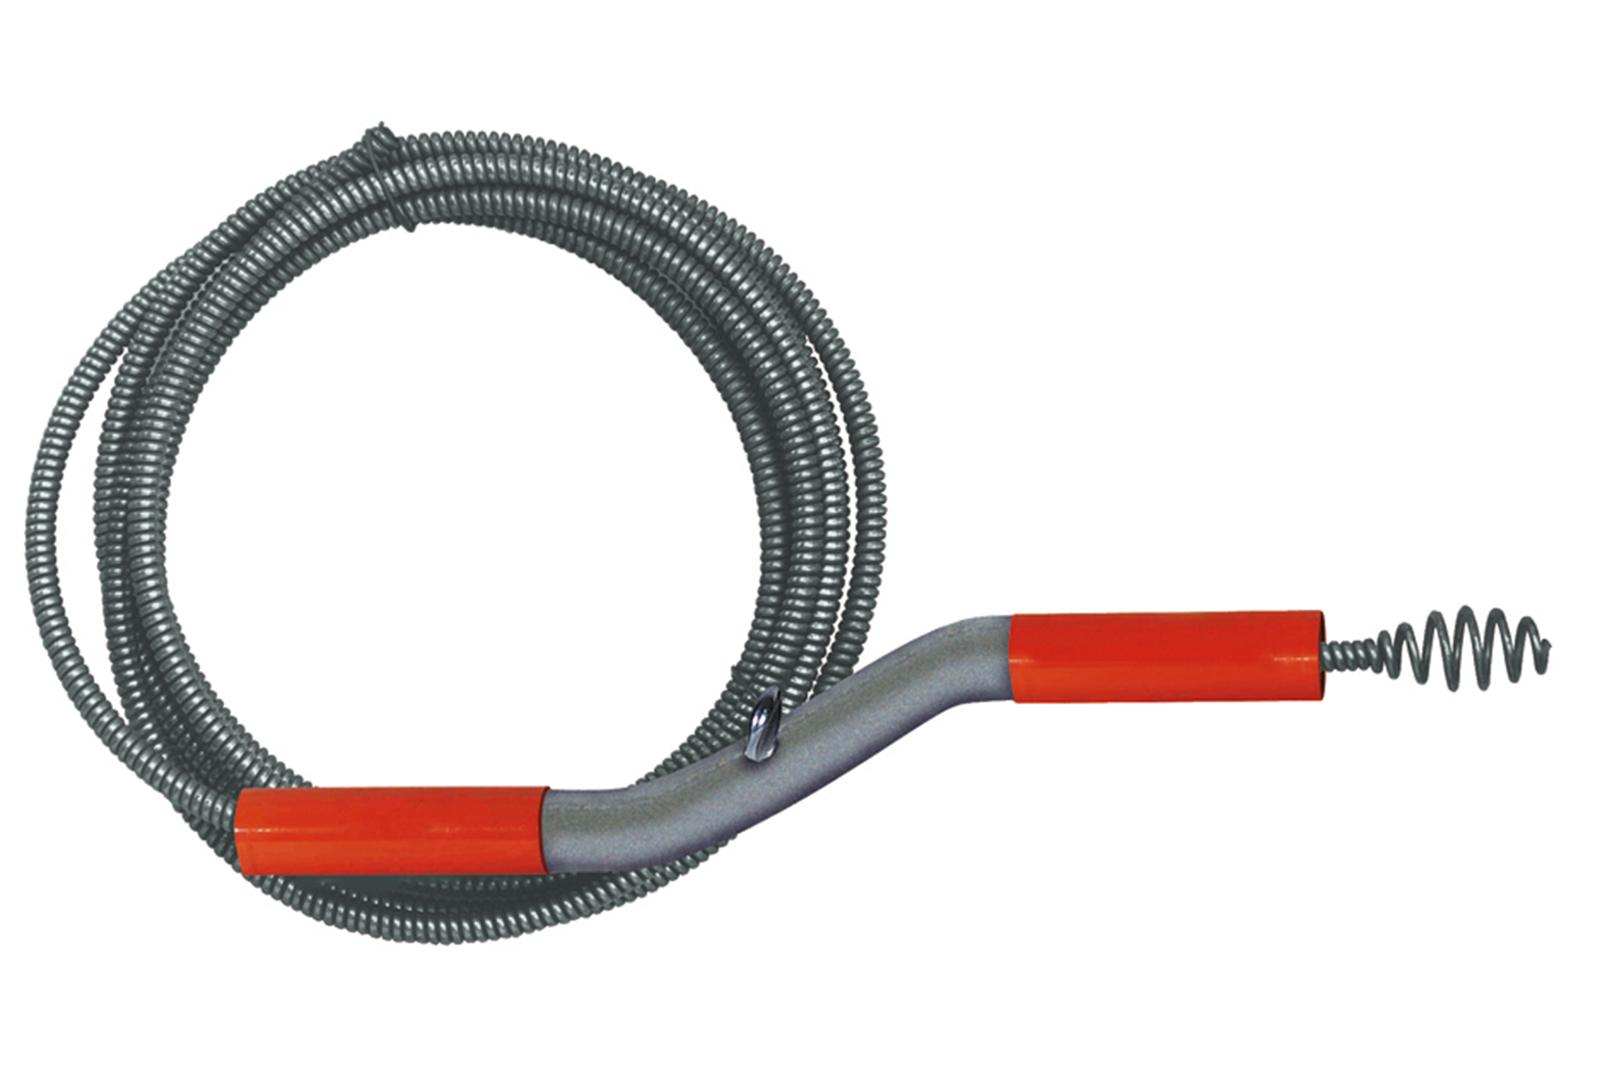 Купить Трос для прочистки General pipe 15fl1-dh